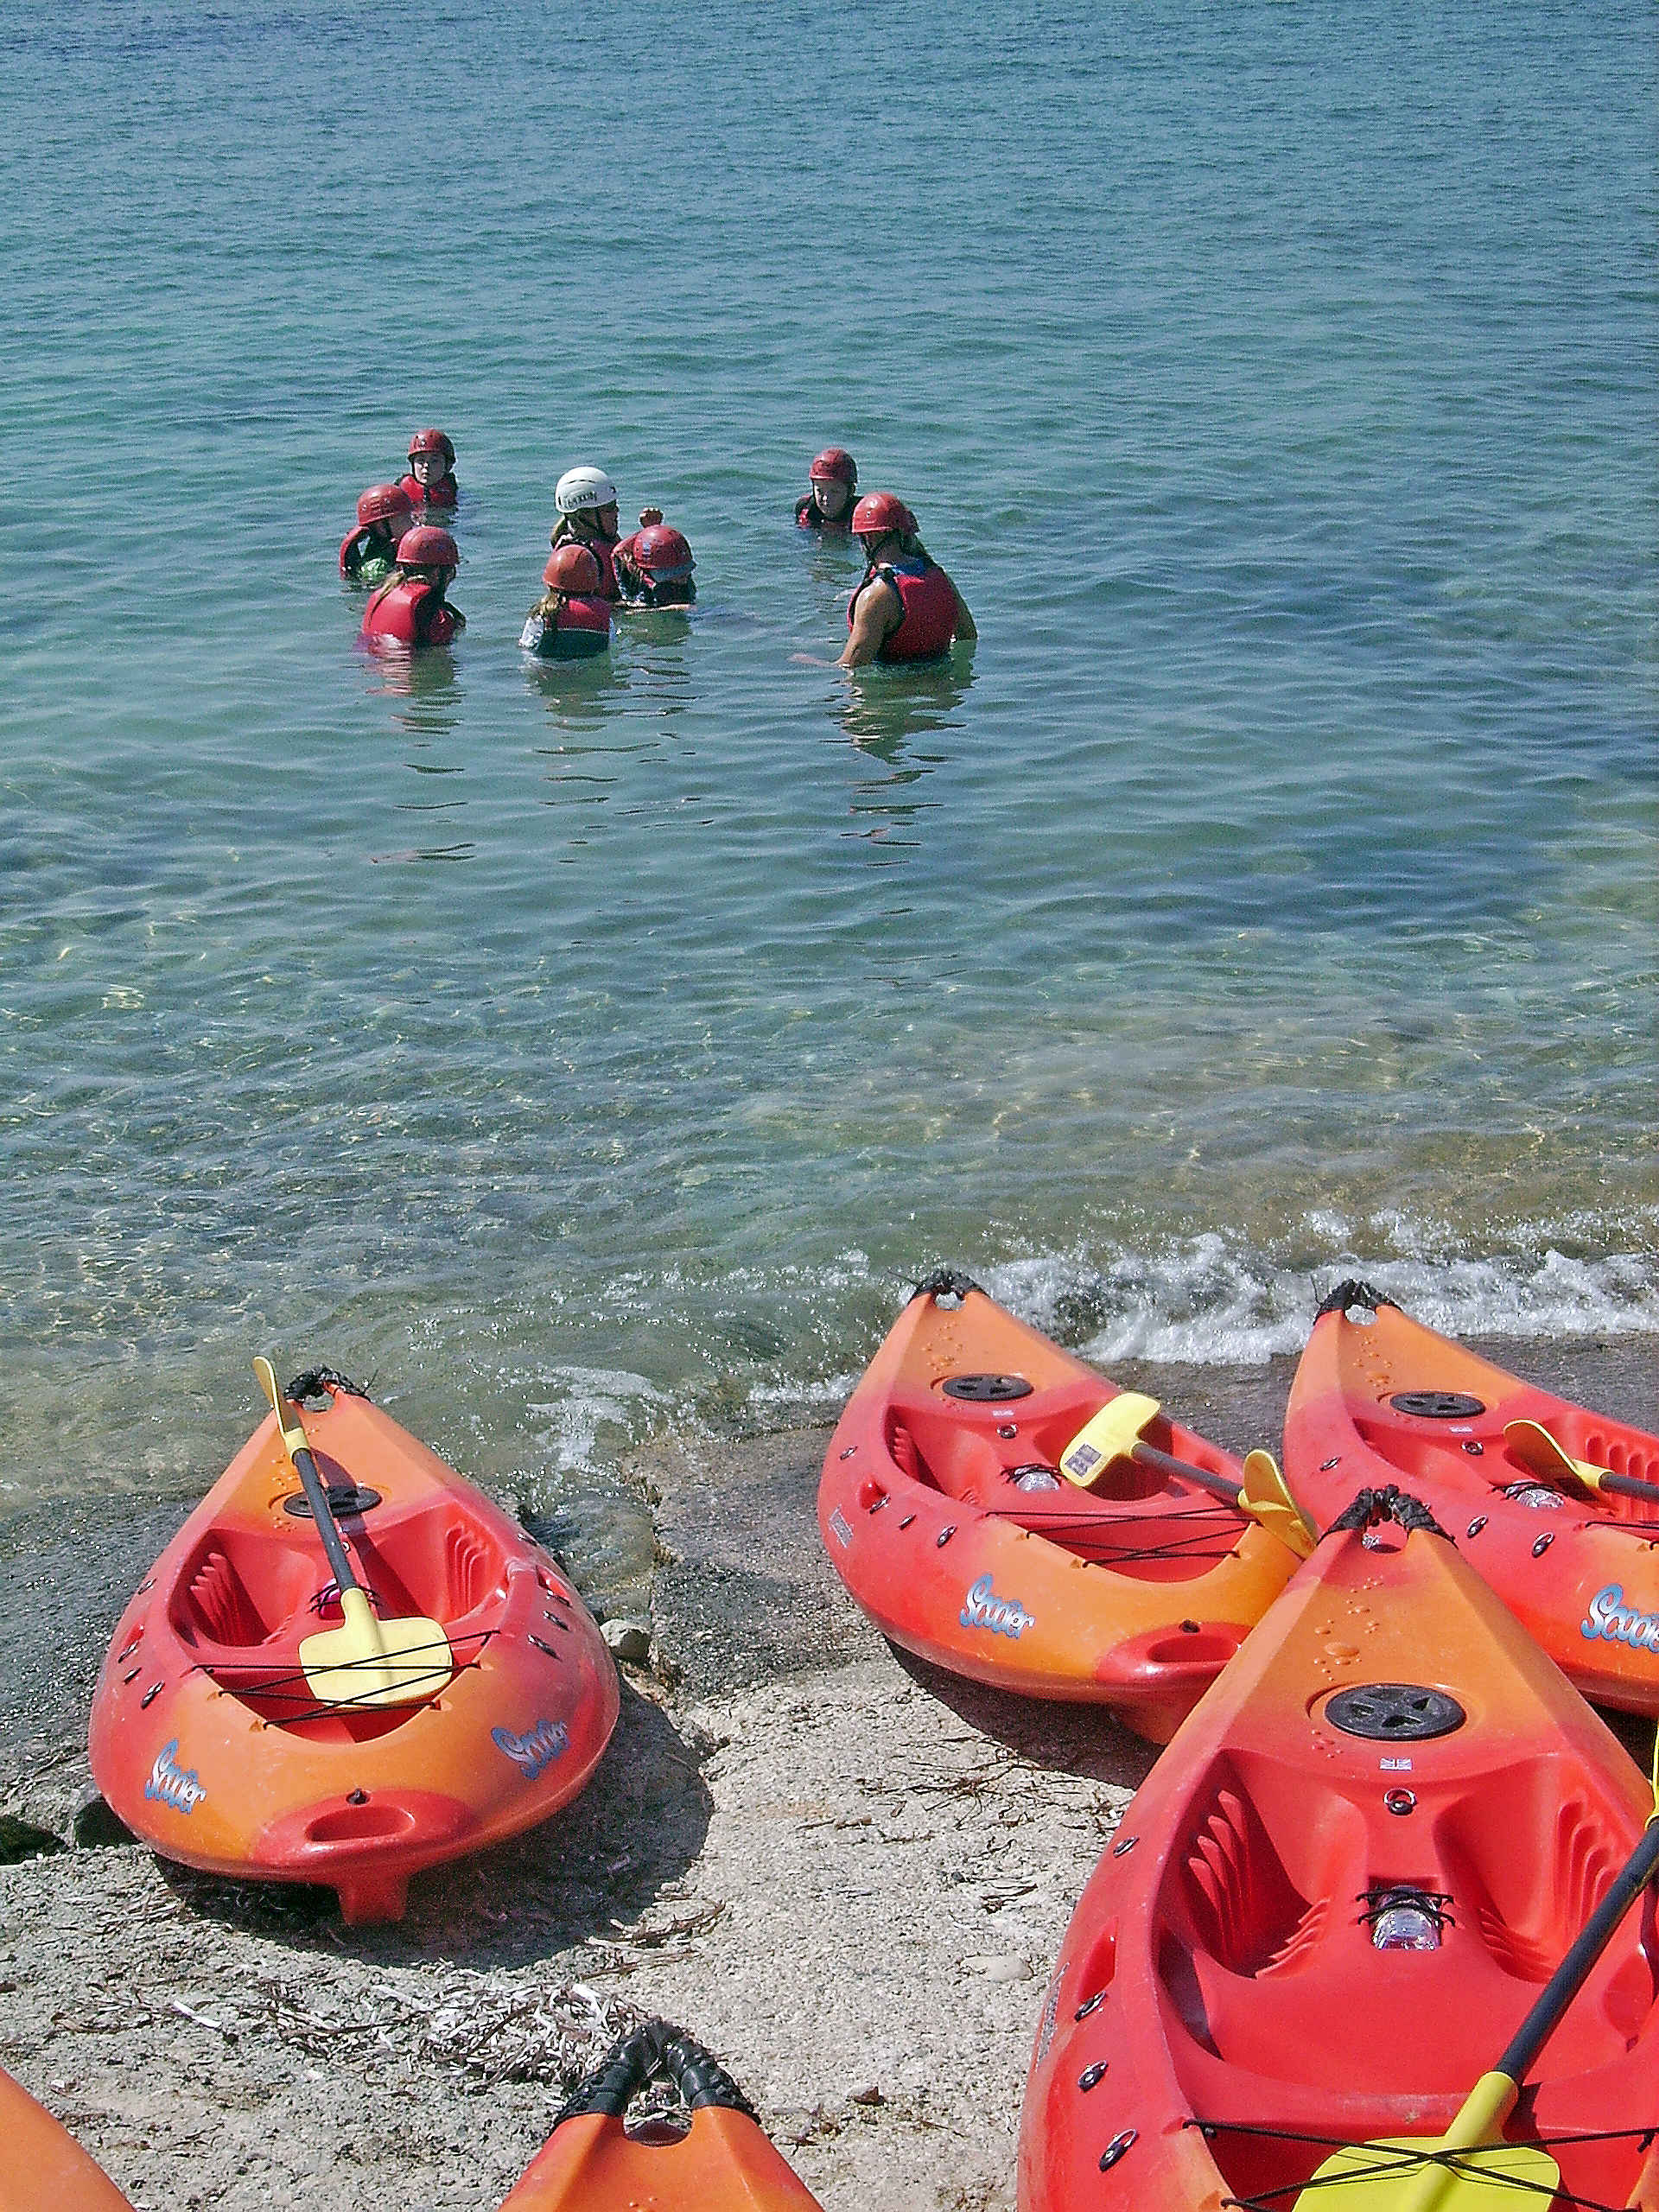 Sea kayaking in Cyprus